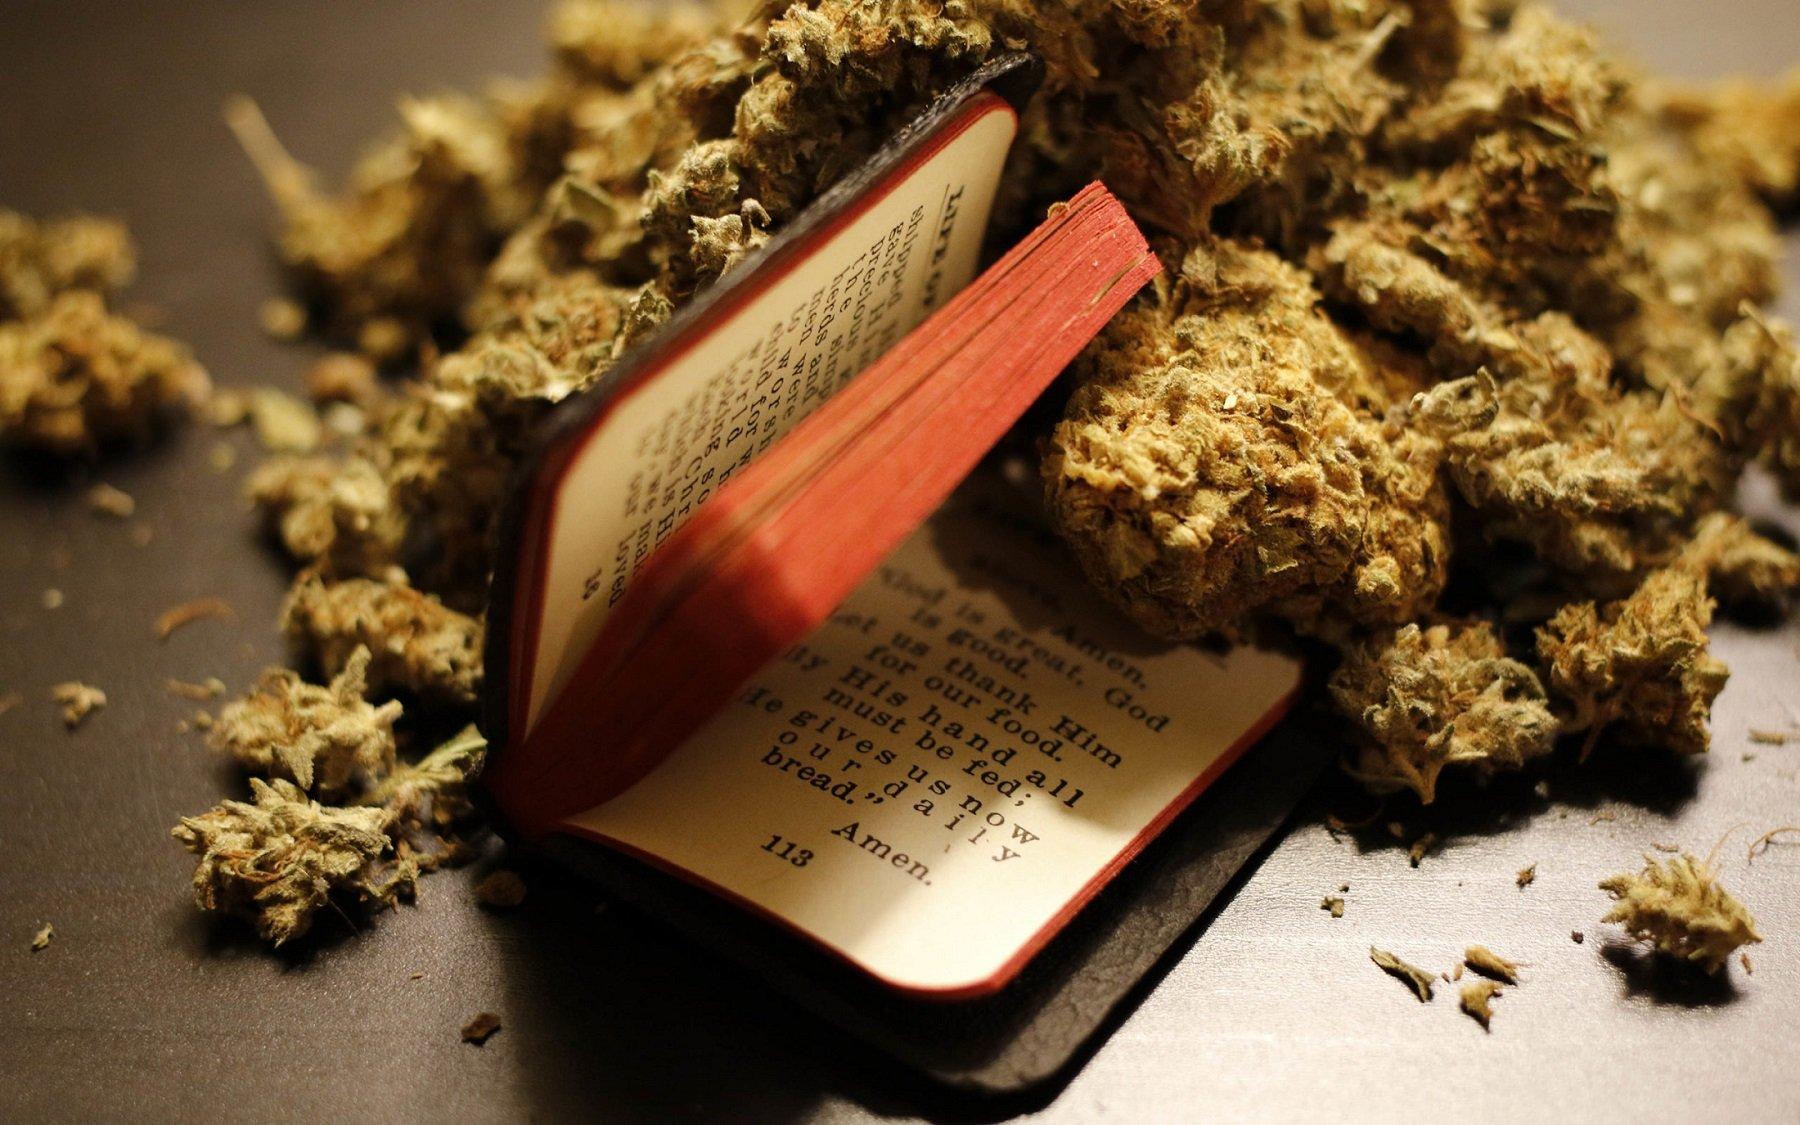 Grupo de cristãos defende que maconha os aproxima de Deus e fuma erva para ler a Bíblia